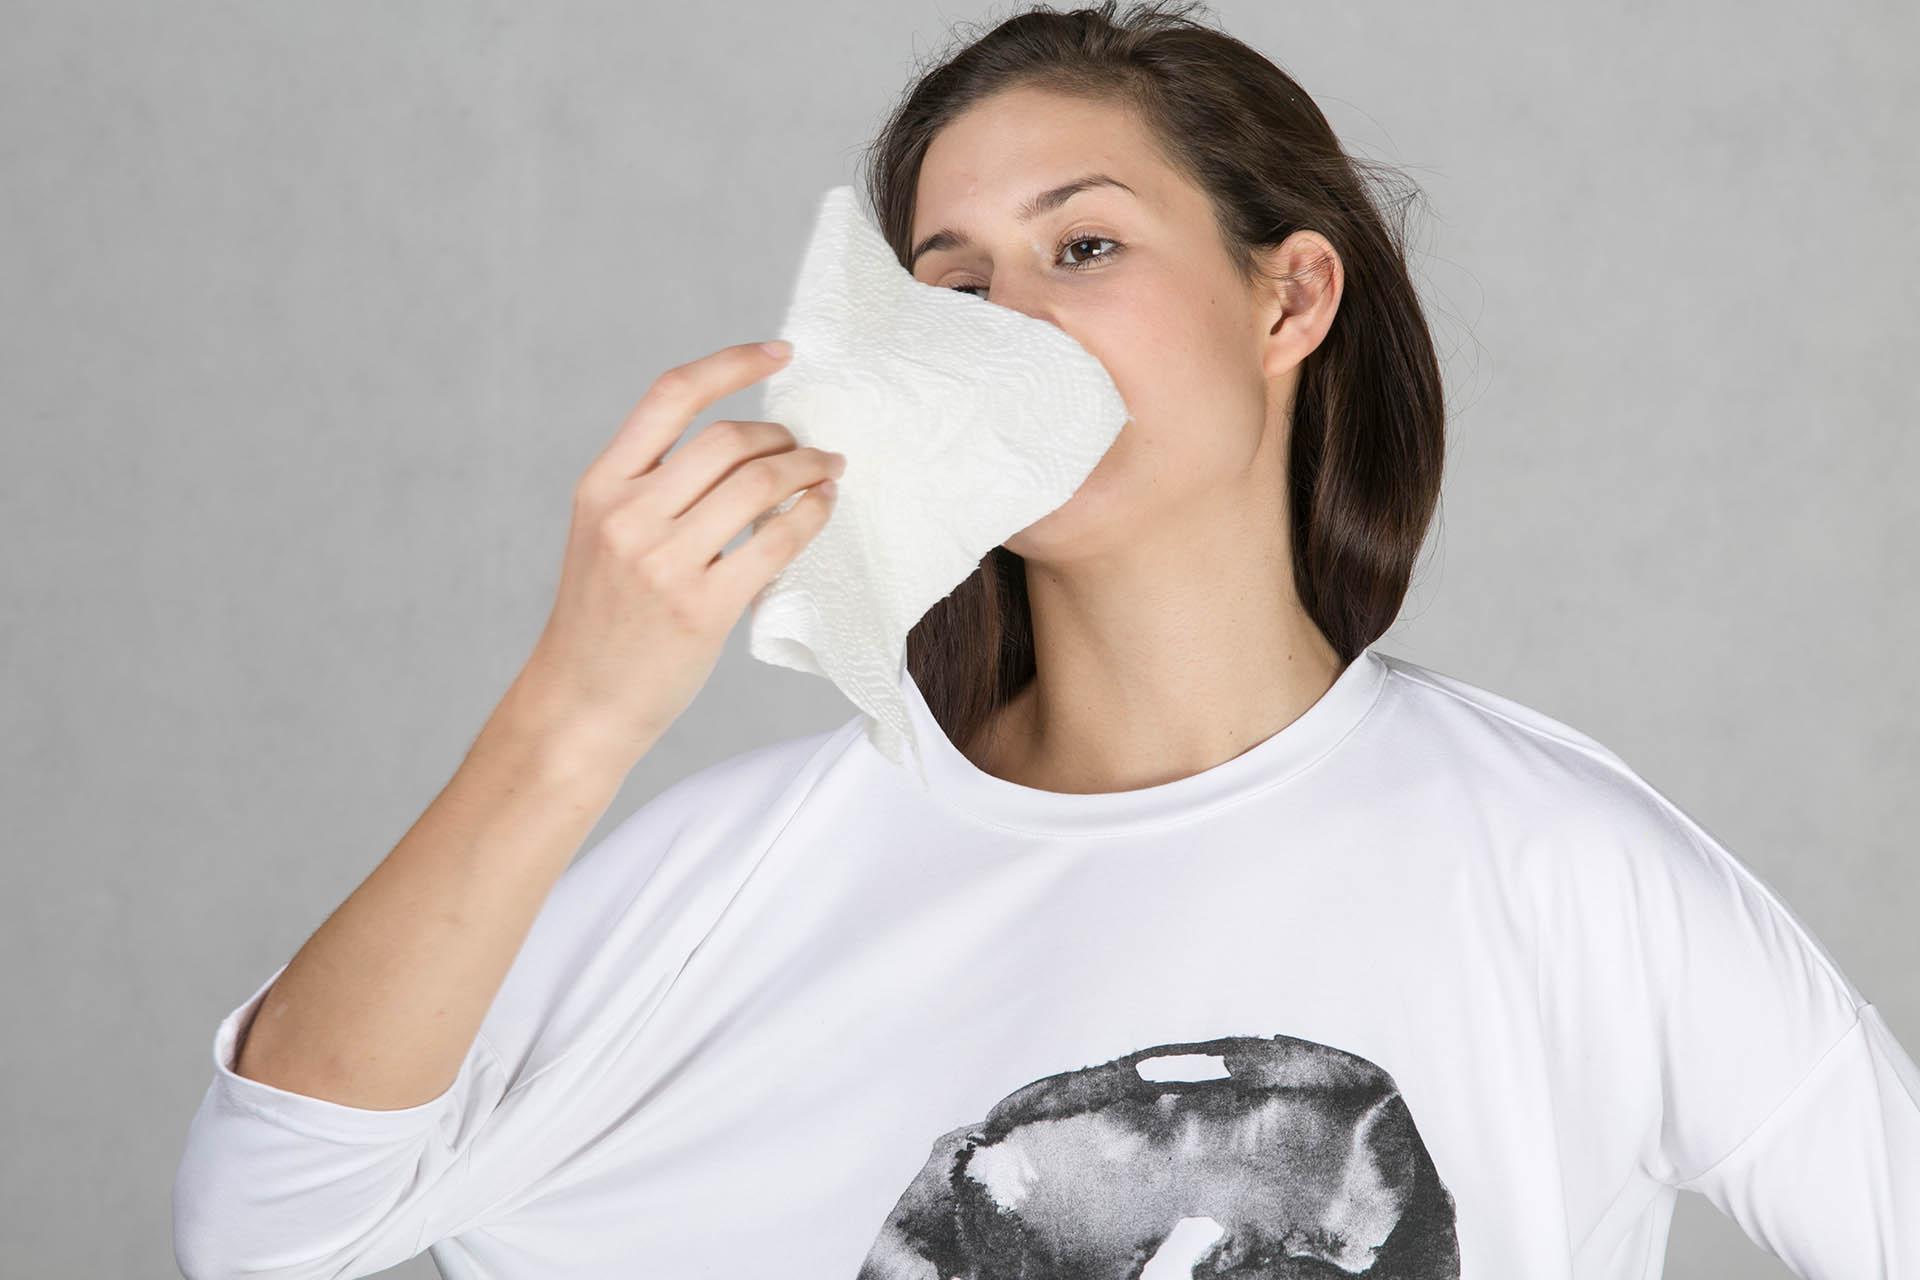 Oneday dámské oversized tričko bílé v prodloužené délce z příjemného  viskózového úpletu s barevným potiskem z limitované kolekce s českým  umělcem Vítem ... 5967dd7e47